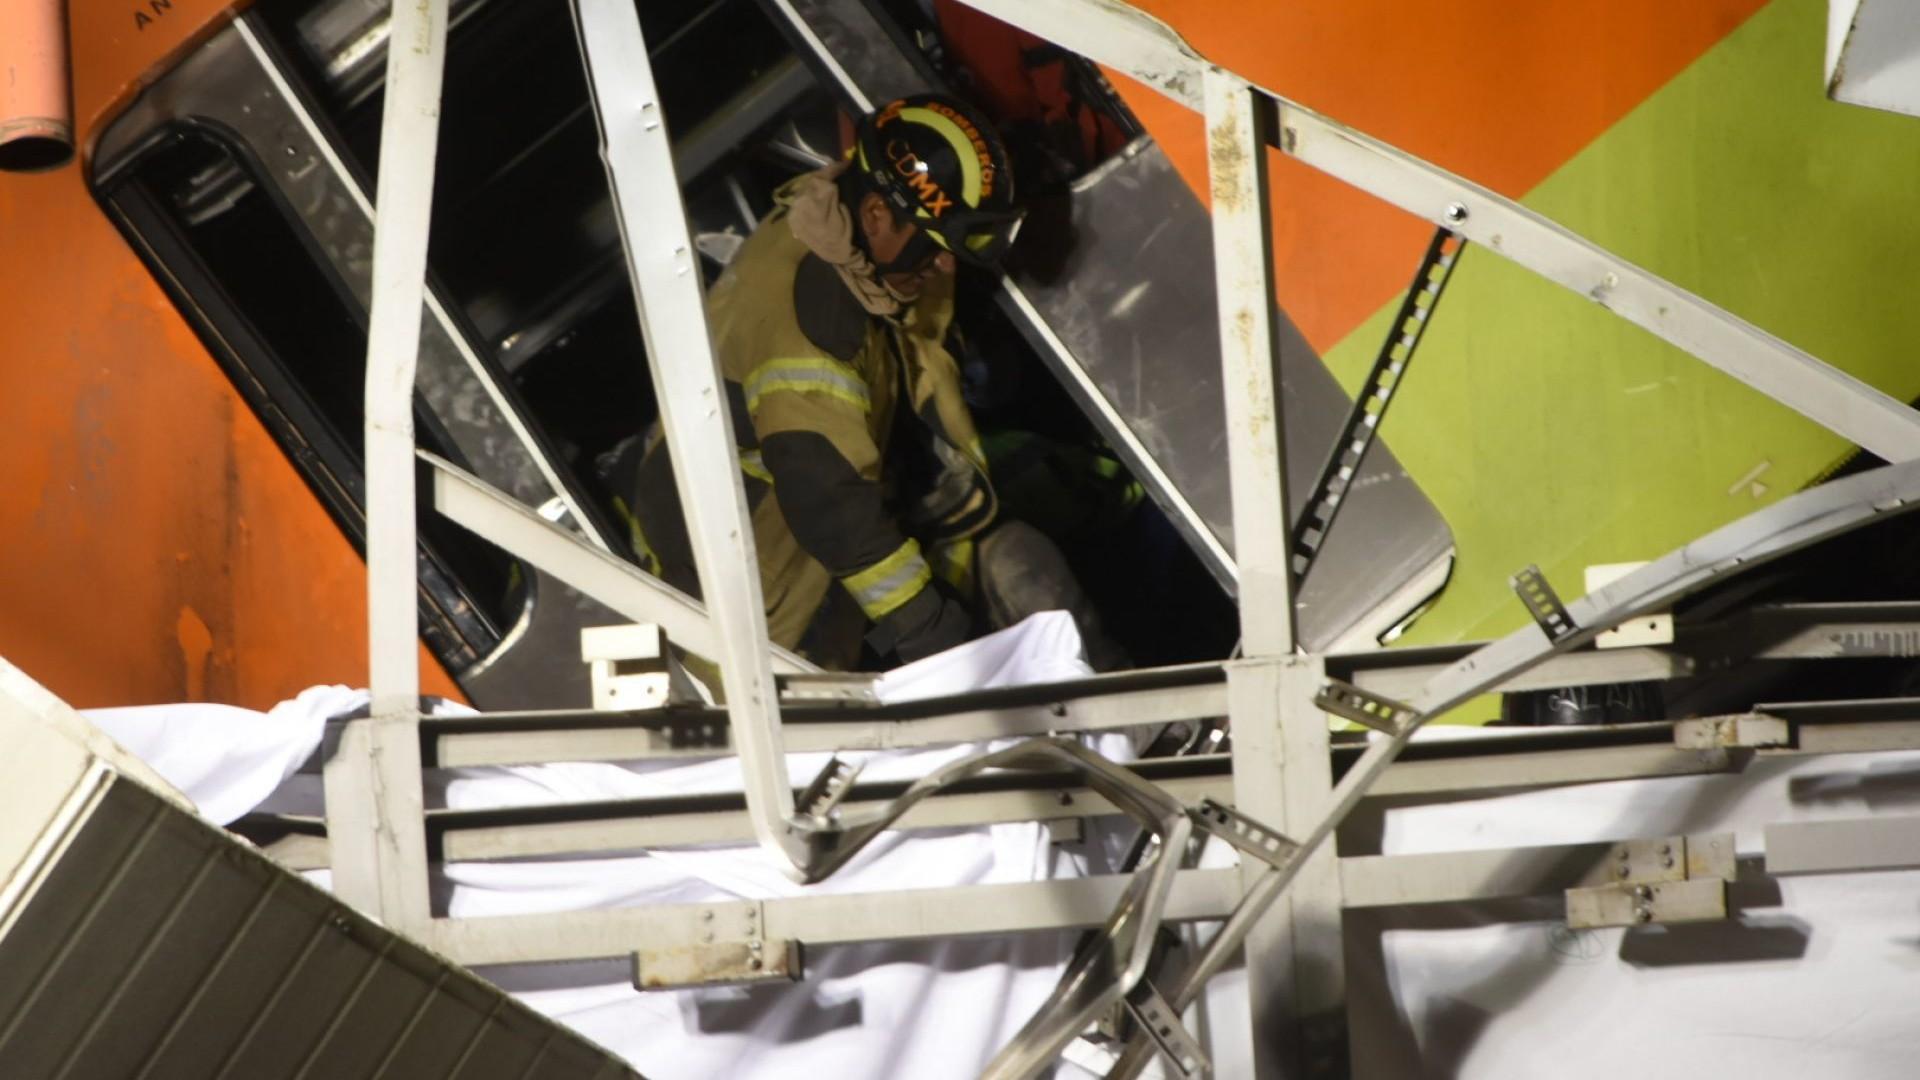 Padre busca a su hijo que podría estar aplastado dentro su carro por el Metro